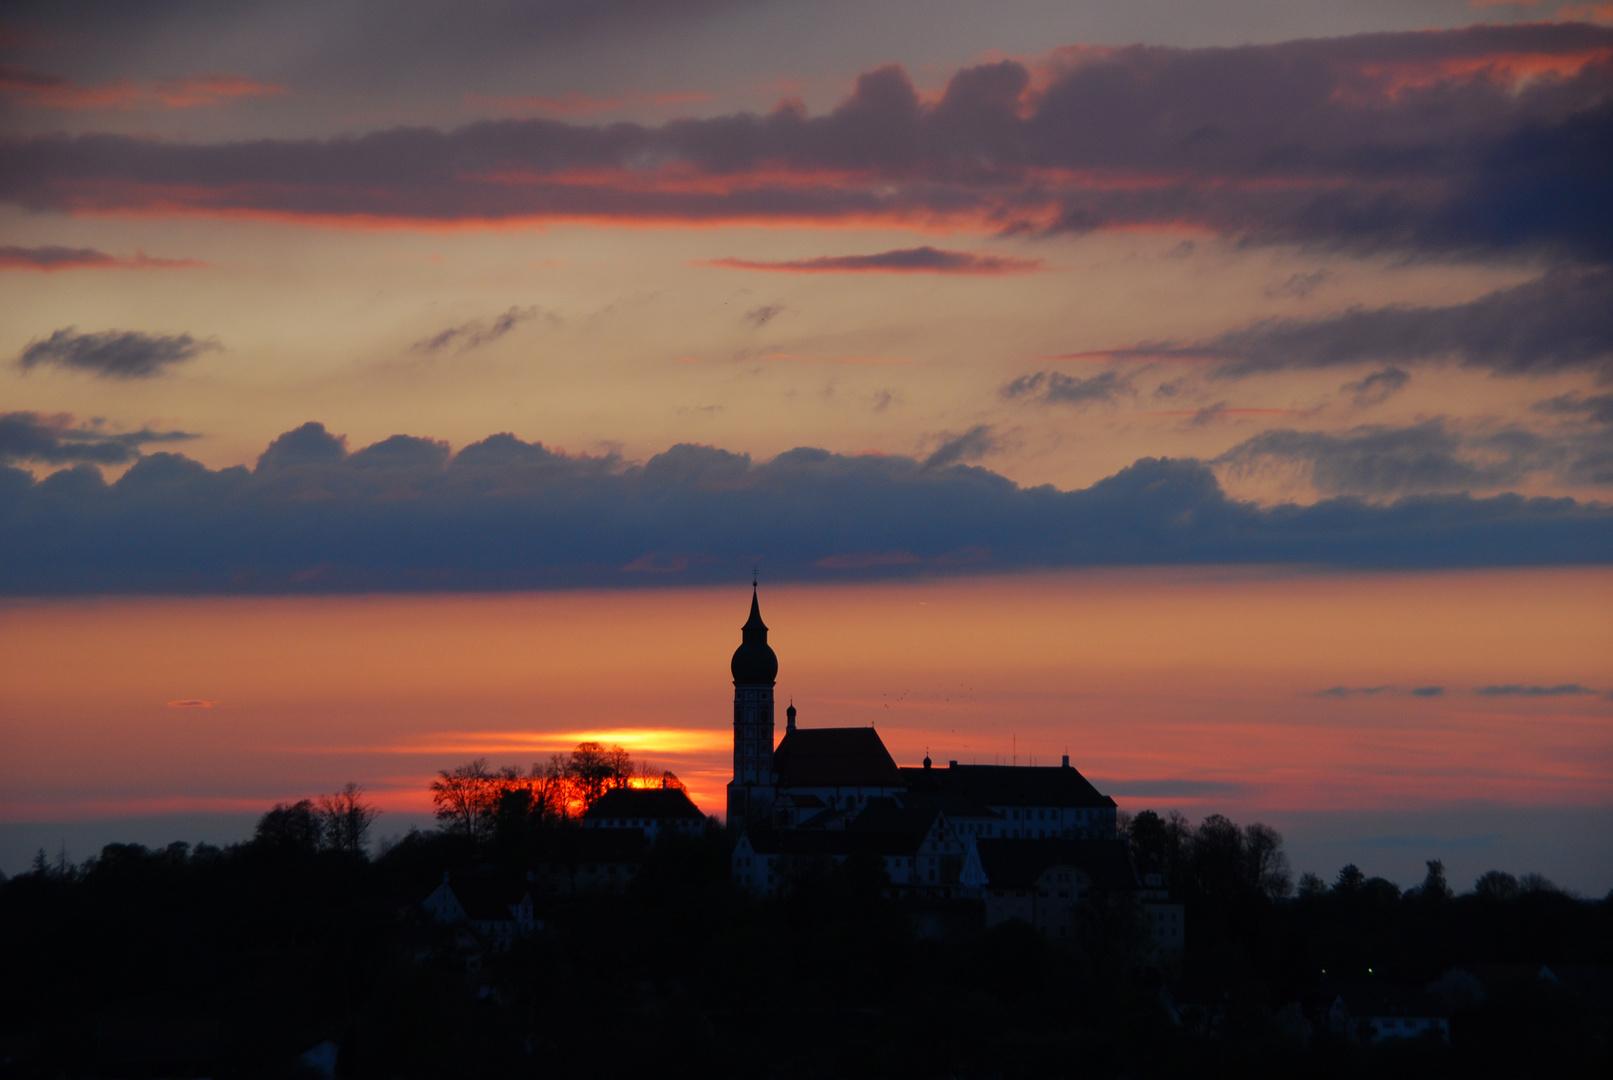 Sonnenuntergang mit Kloster Andechs, Bayern 29